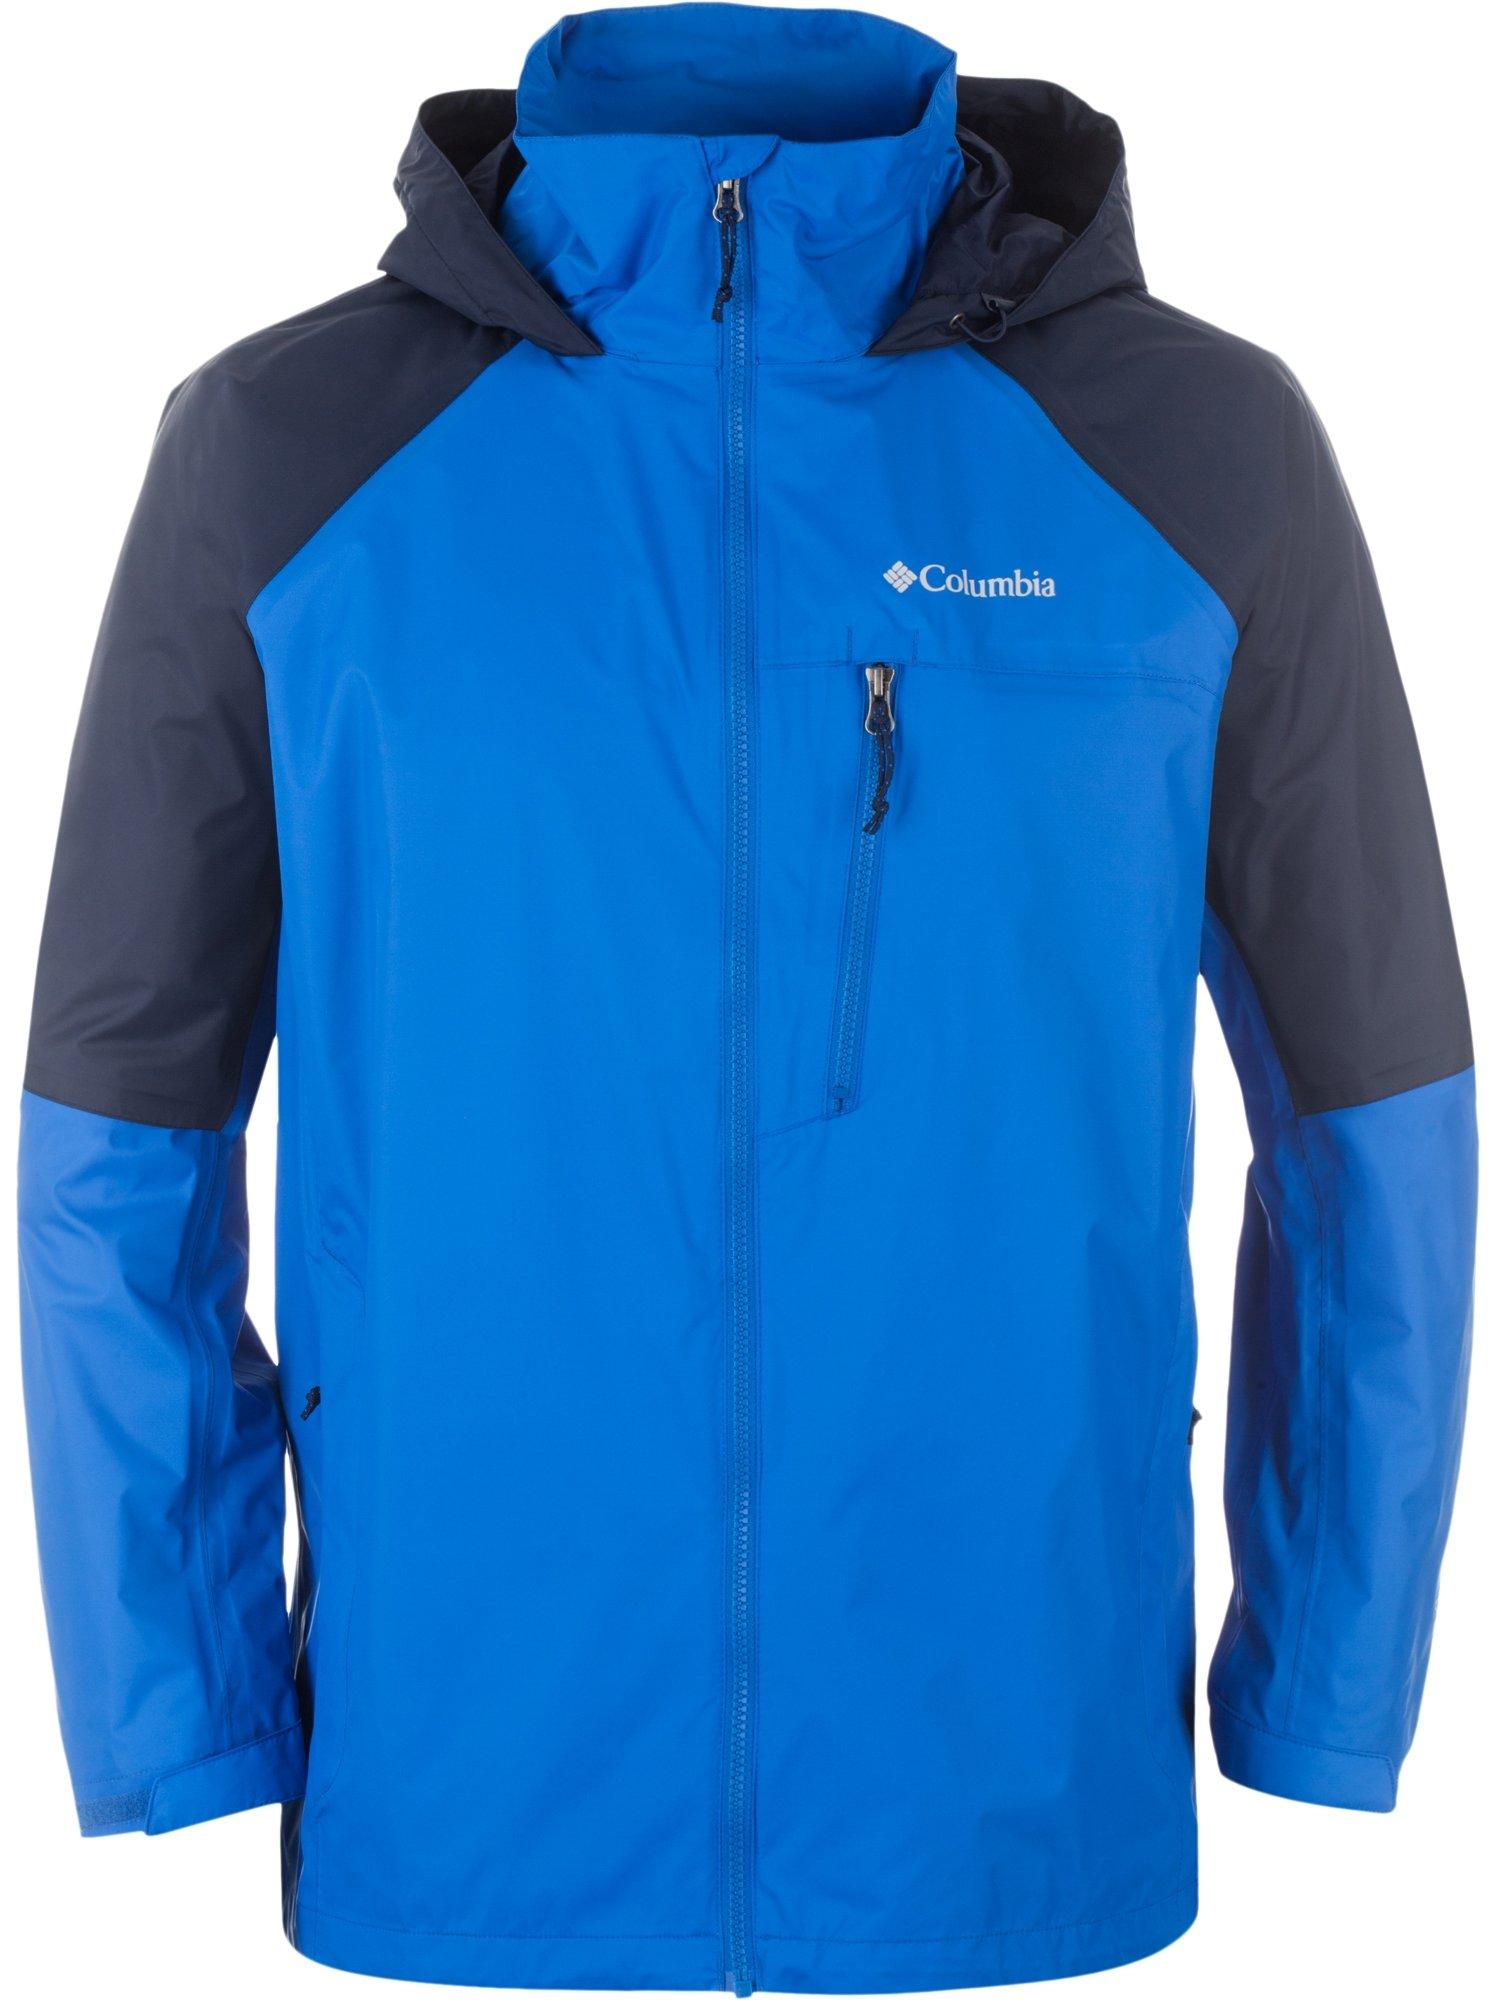 ❈Куртки Columbia ❈ купити куртки Columbia - Титан 96eeec690c1ff